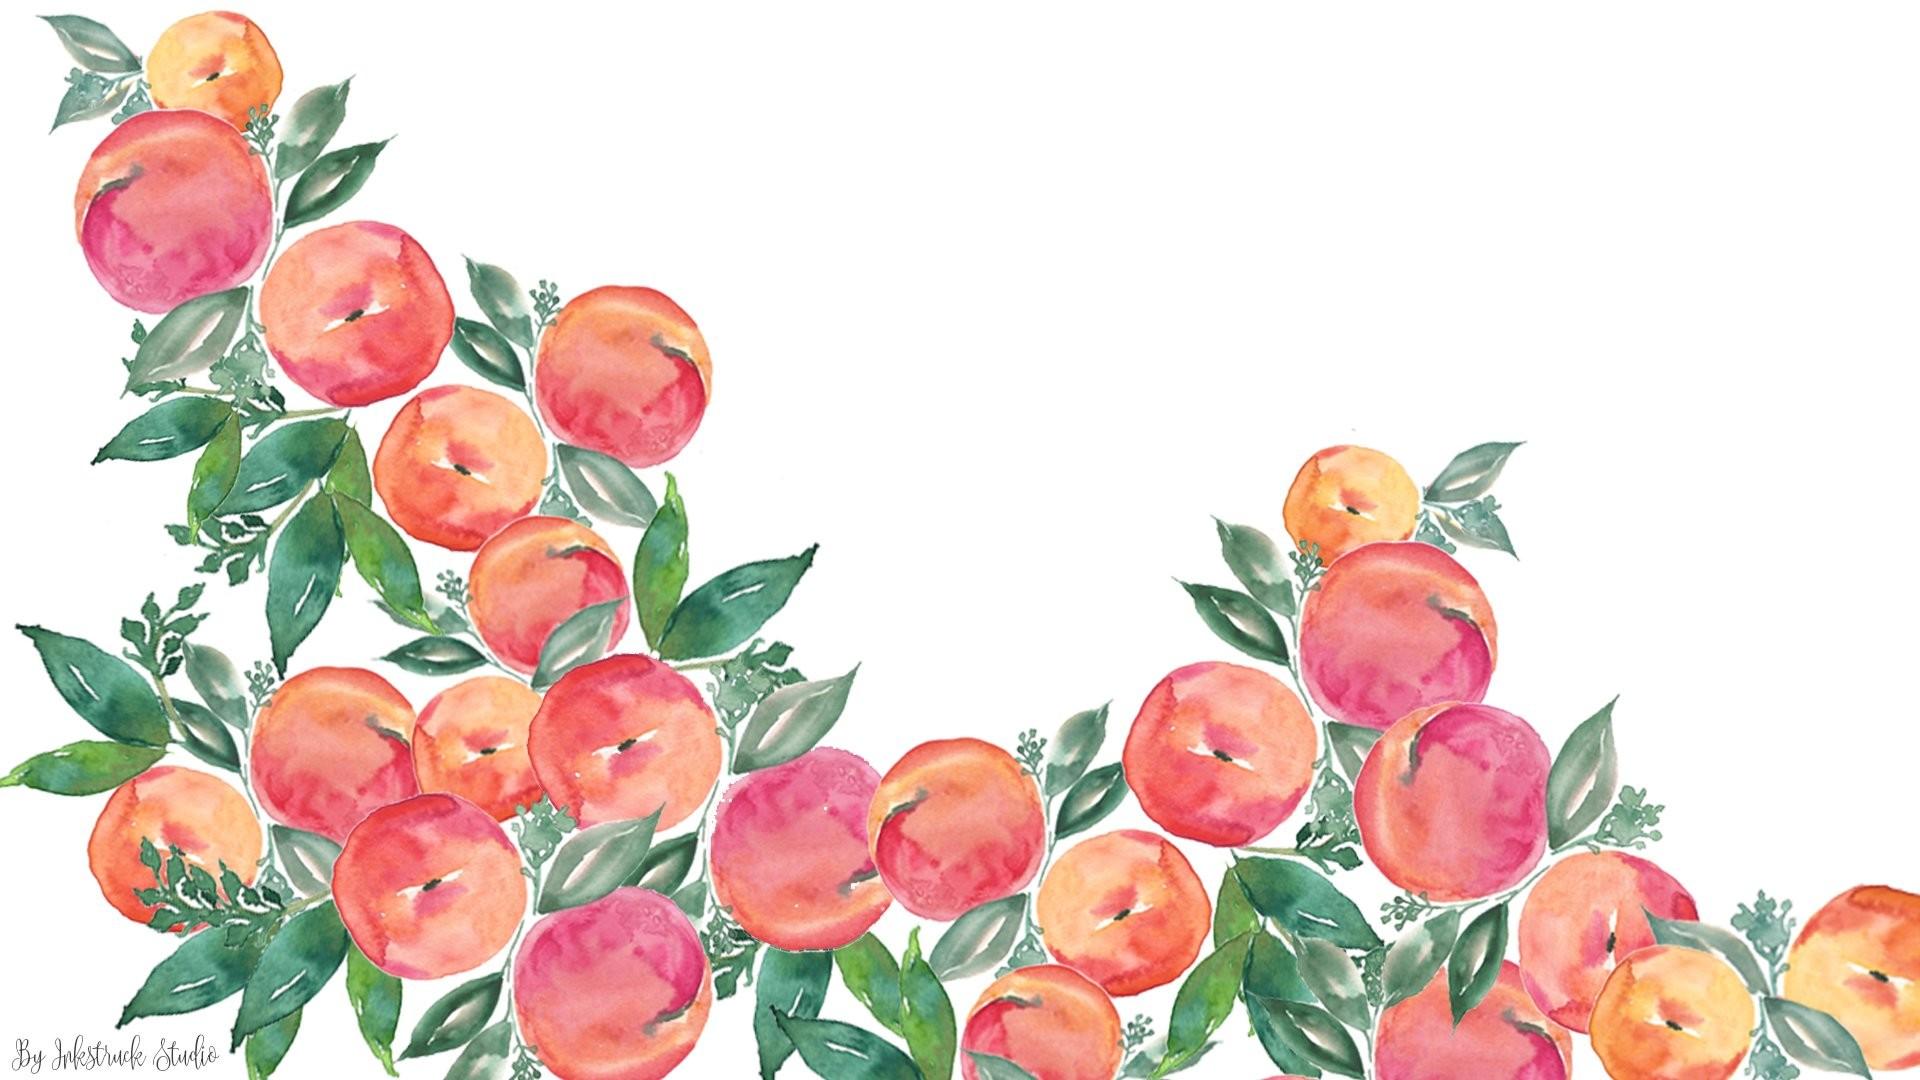 Watercolor Wallpaper For Desktop